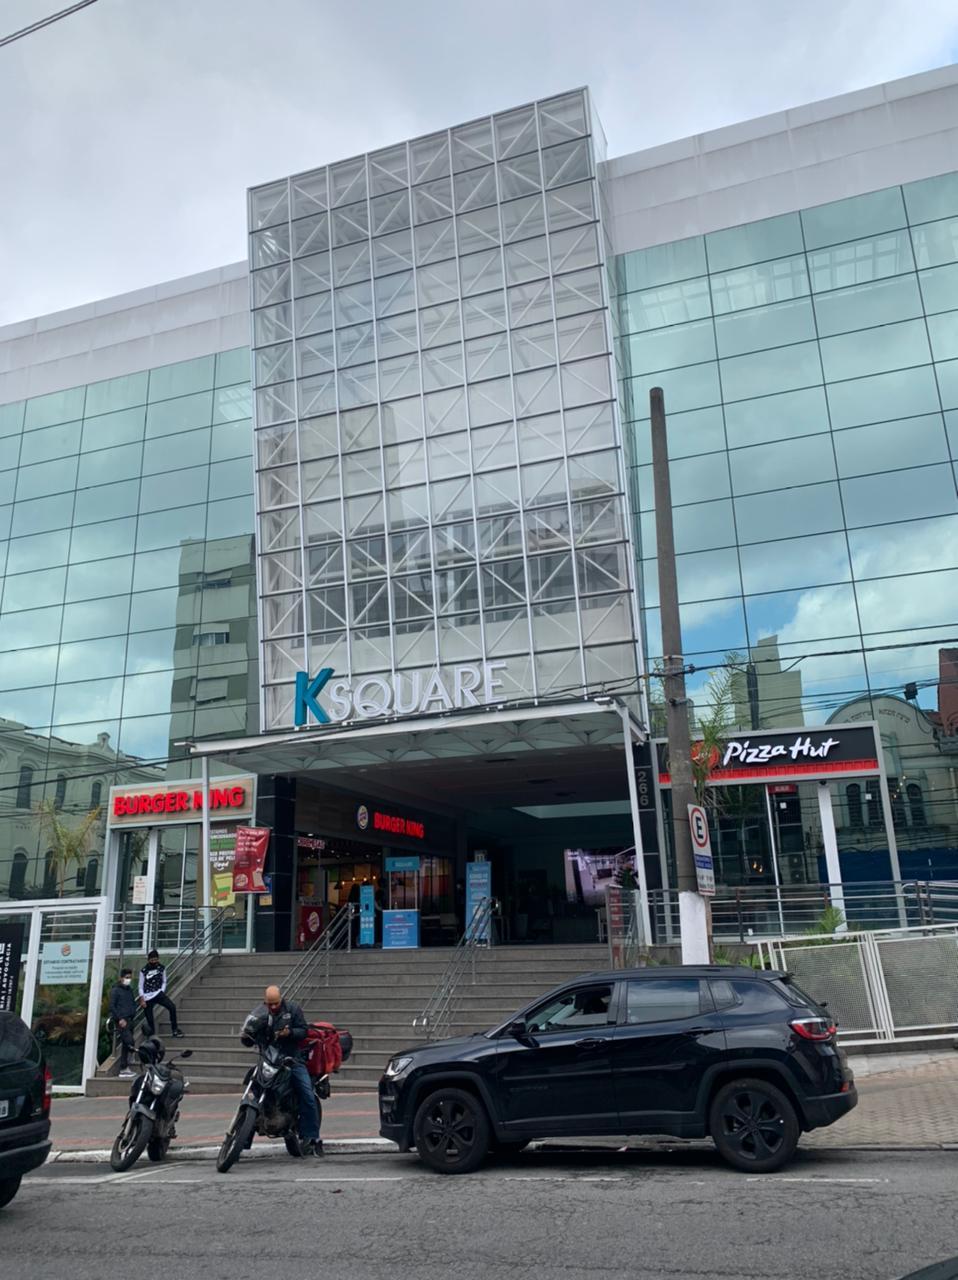 Centro comercial K Square, na Rua Guarani